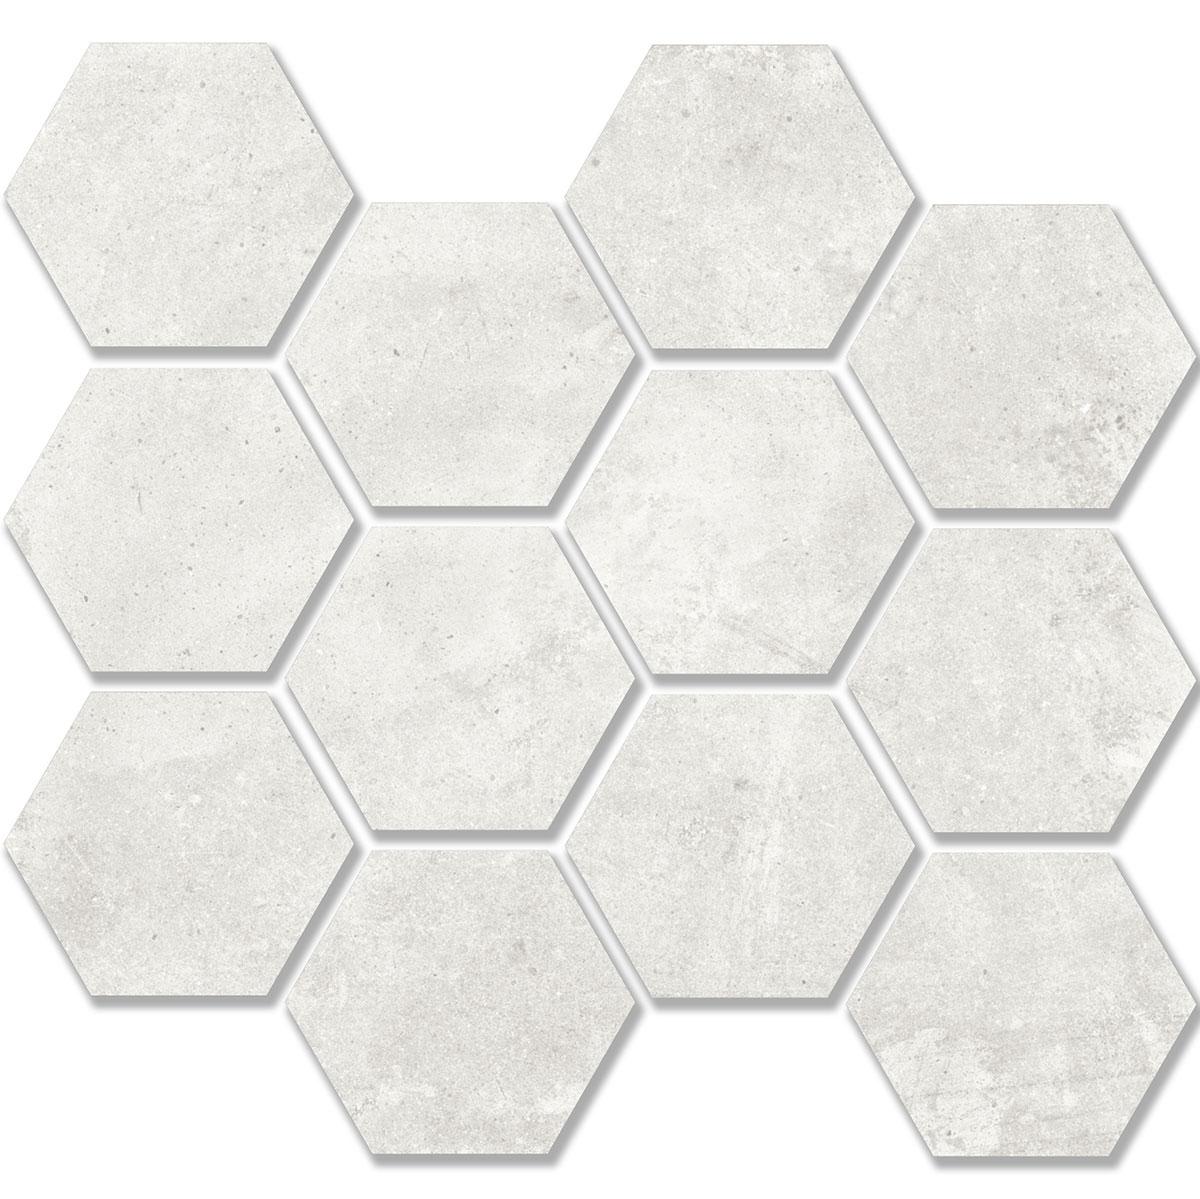 CAPETOWN white (weiß) HEXA Image